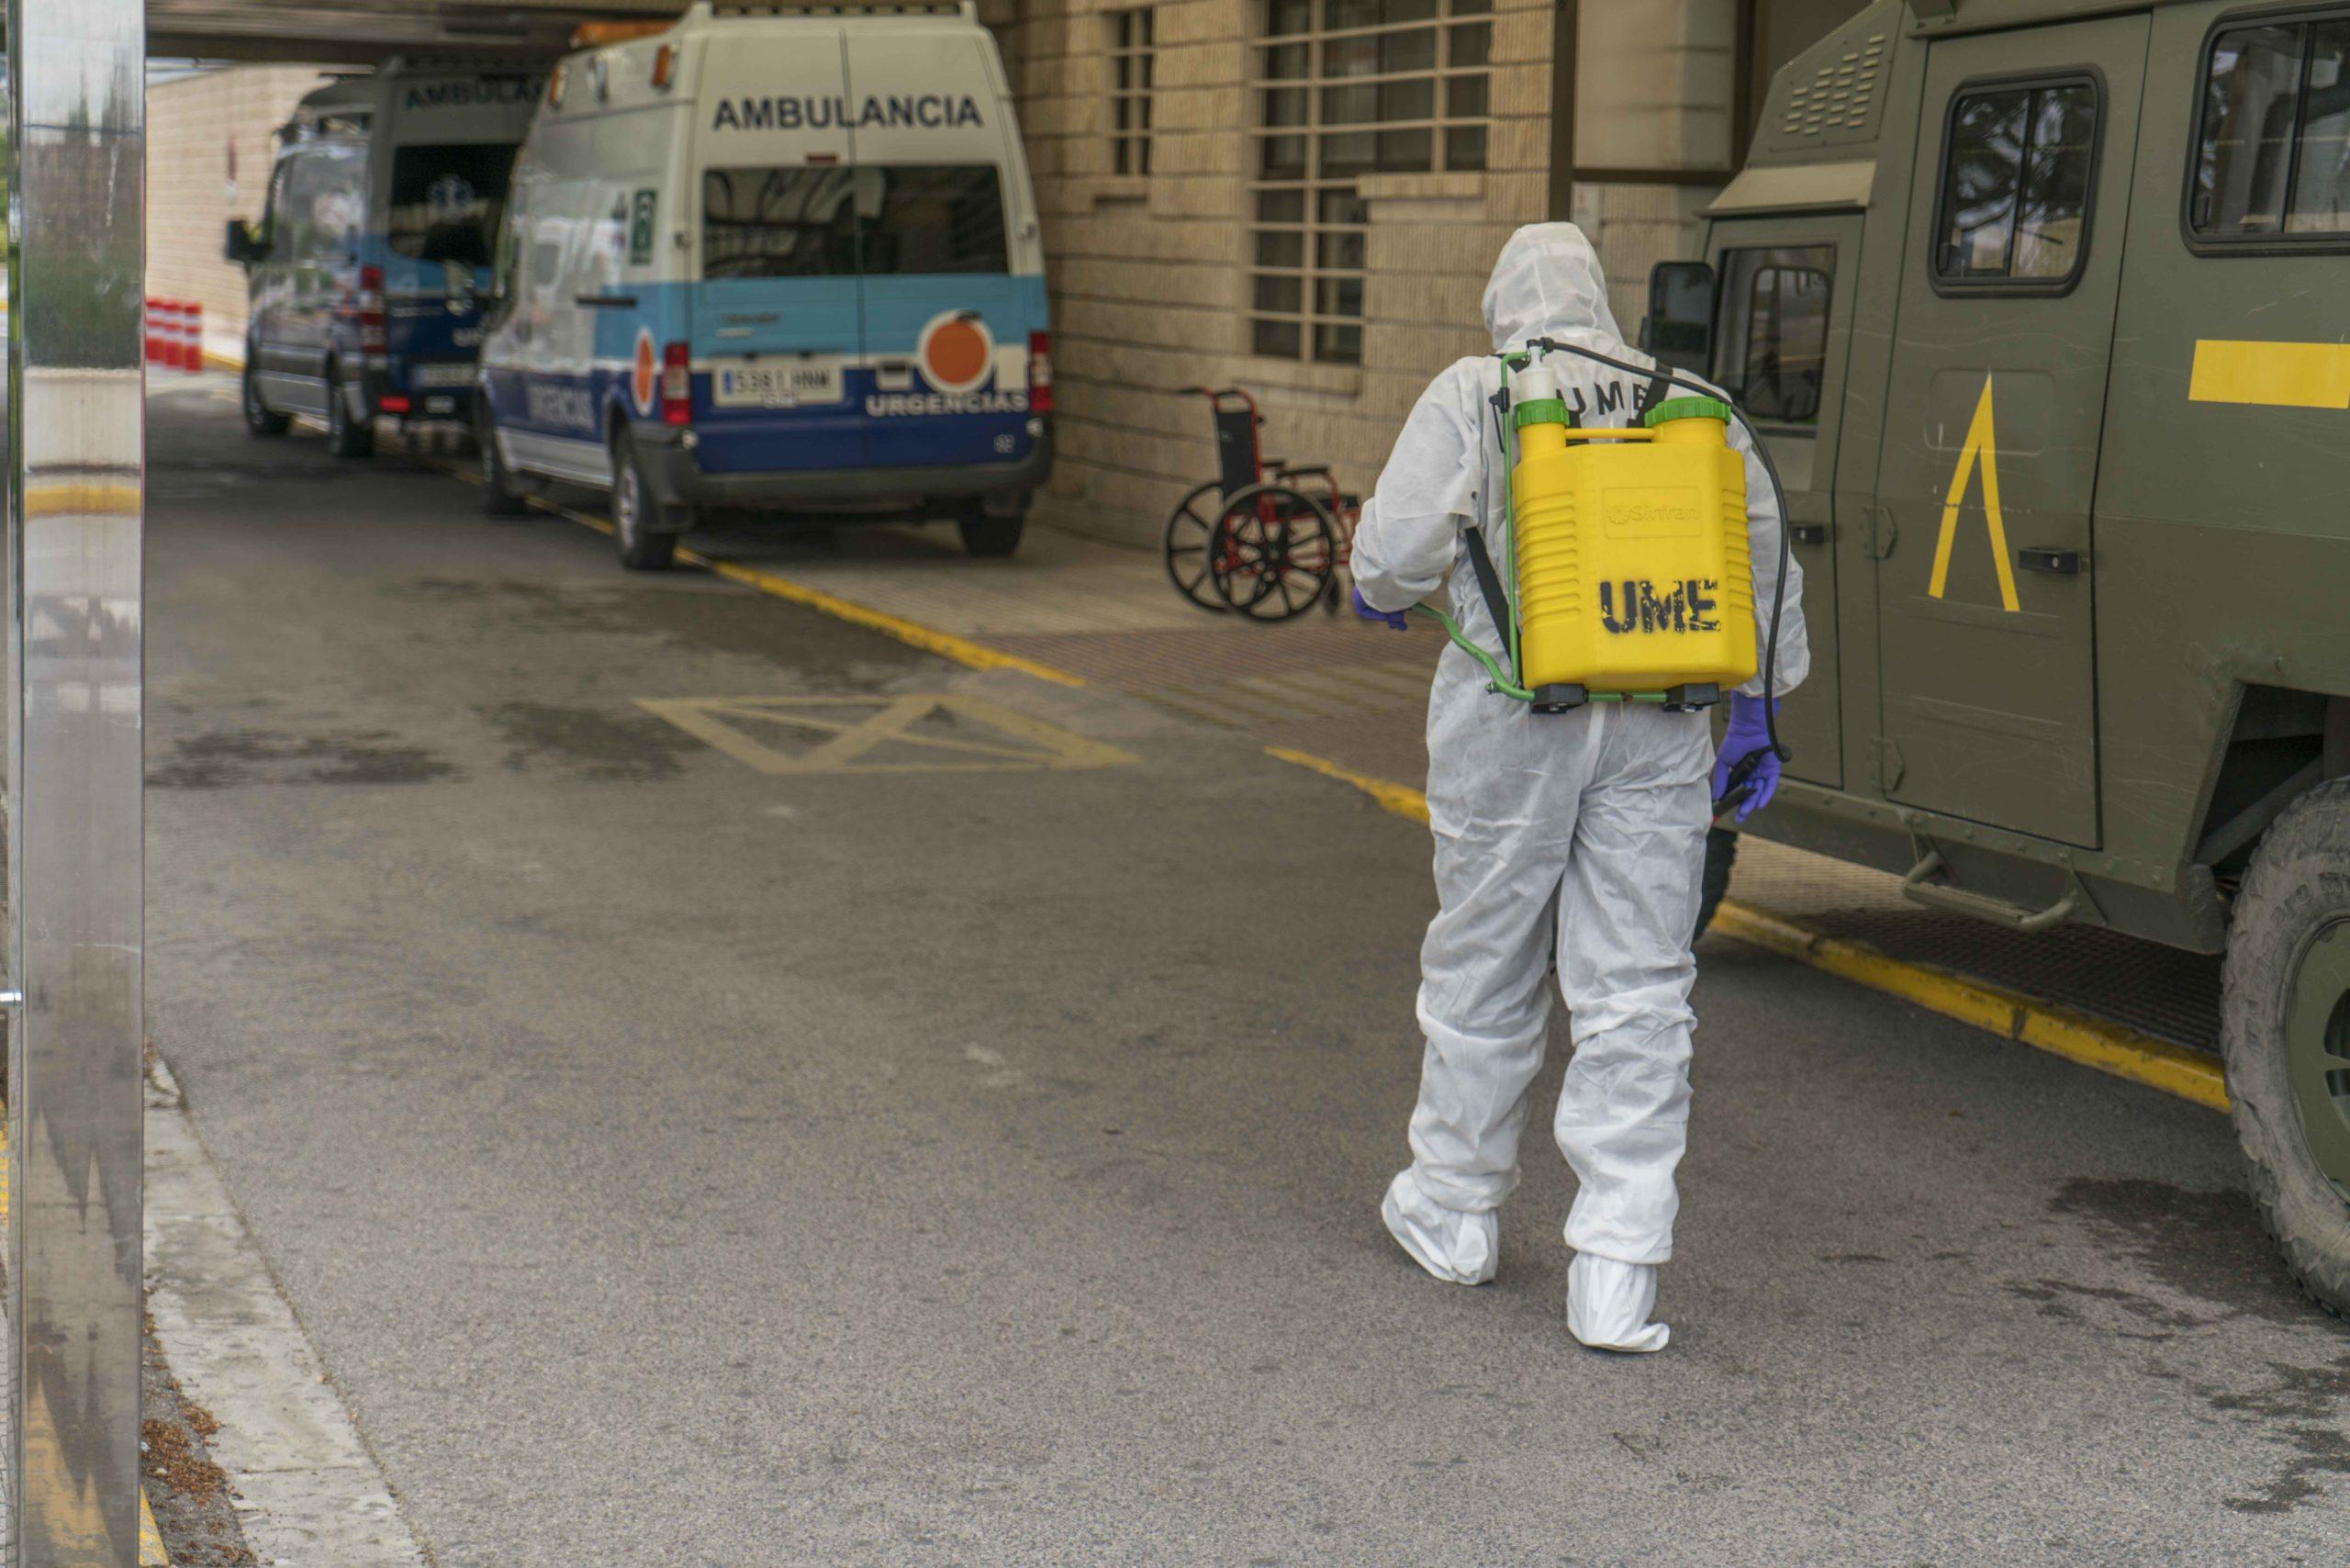 La UME en Baza acompañada por la Policía Local. Foto Carmelo Mateos Lozano